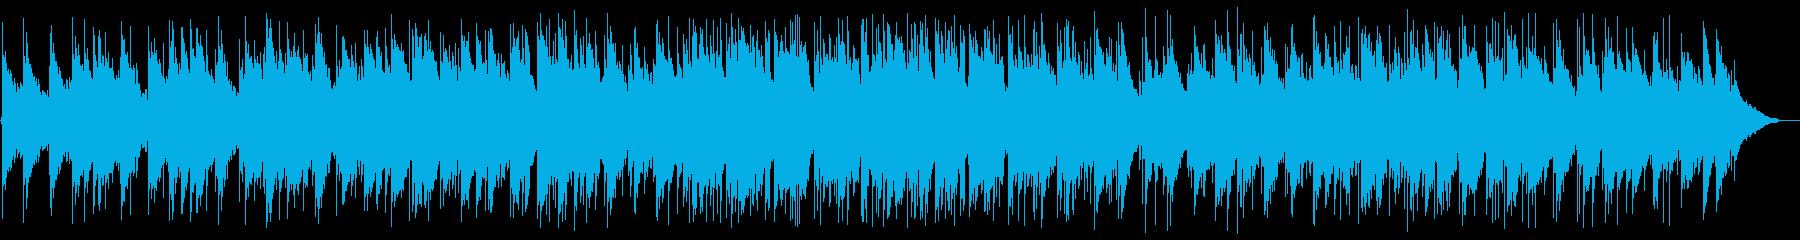 ゆったりとまろやかなアコギサウンドの再生済みの波形